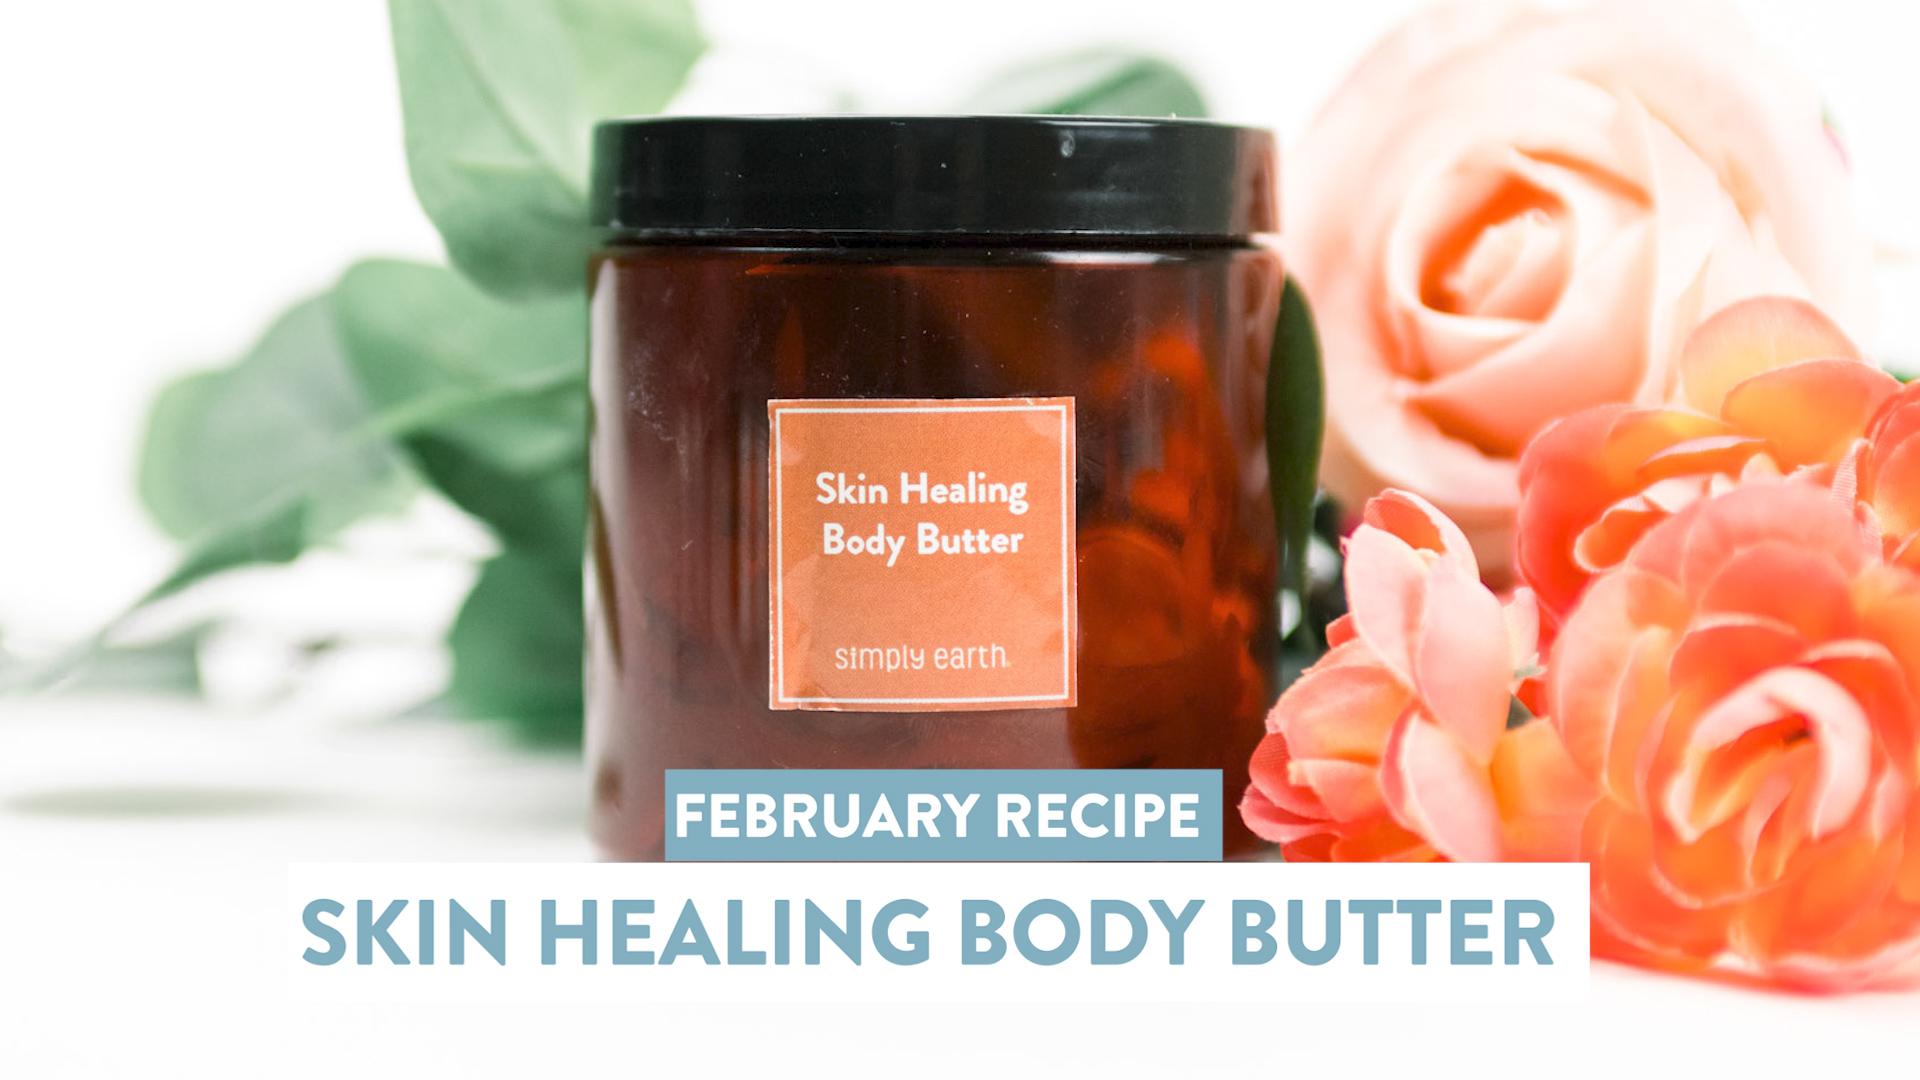 Skin Healing Body Butter